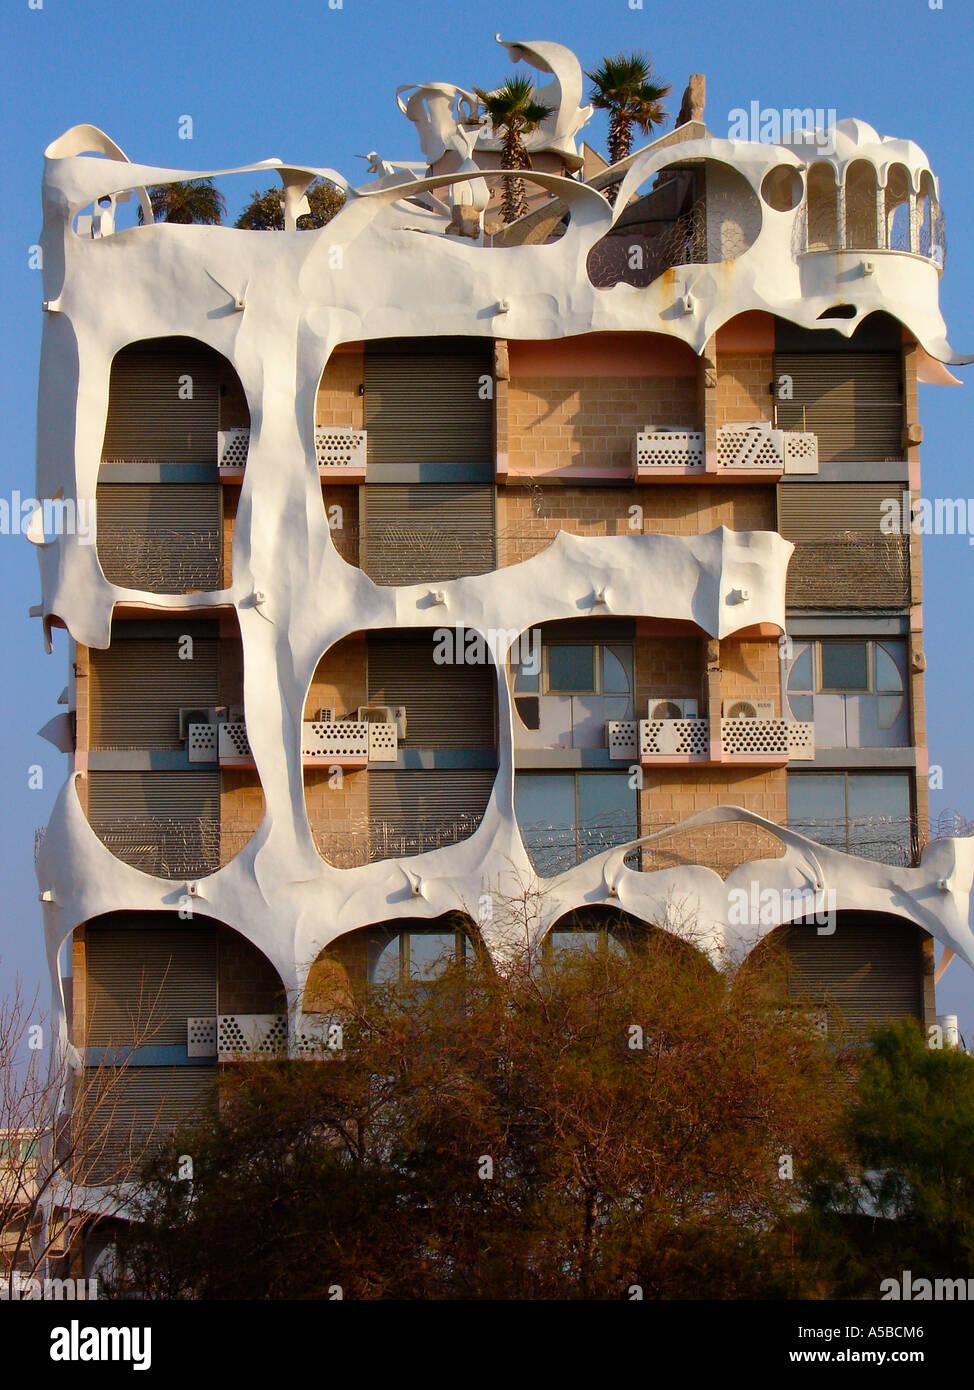 Delante del edificio de apartamentos postmodernistas llamado El loco Casa diseñada por el arquitecto Leon Gnignebt sobre 181 Hayarkon street en Tel Aviv. Israel Imagen De Stock